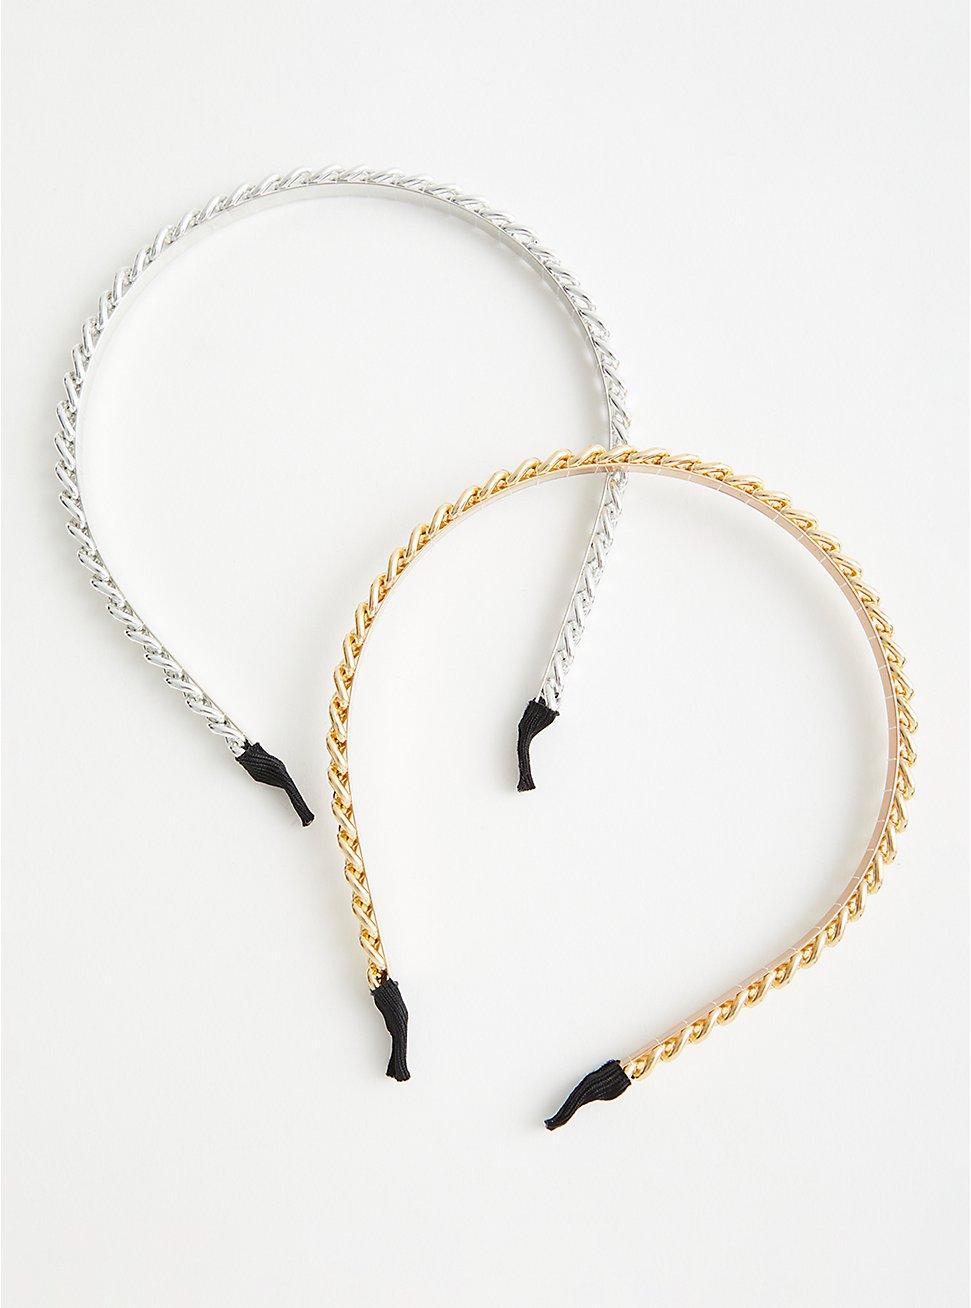 Link Headband Set - Gold & Silver , , hi-res